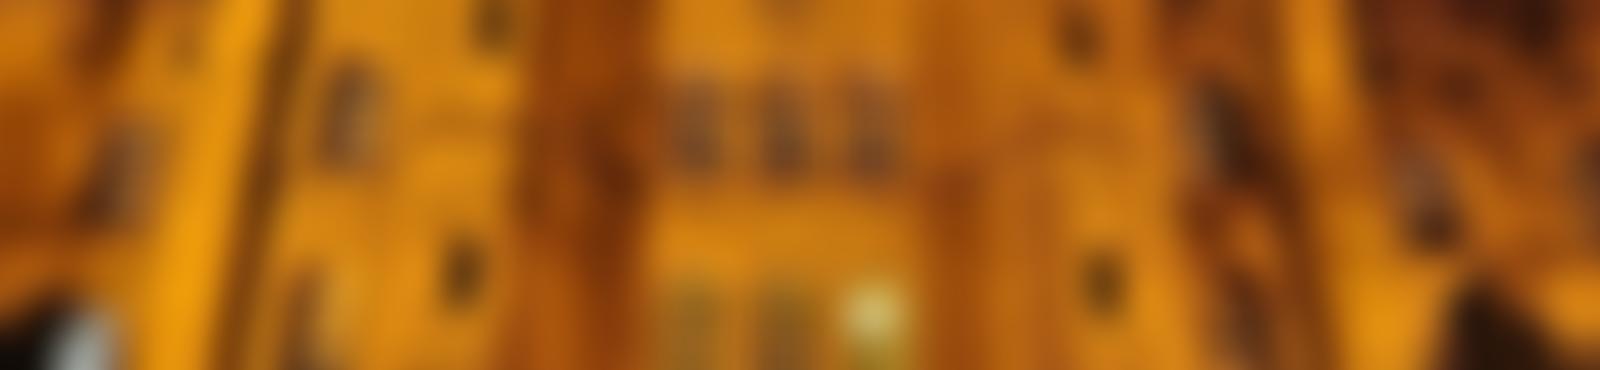 Blurred 485753 428177967200934 282196828 n